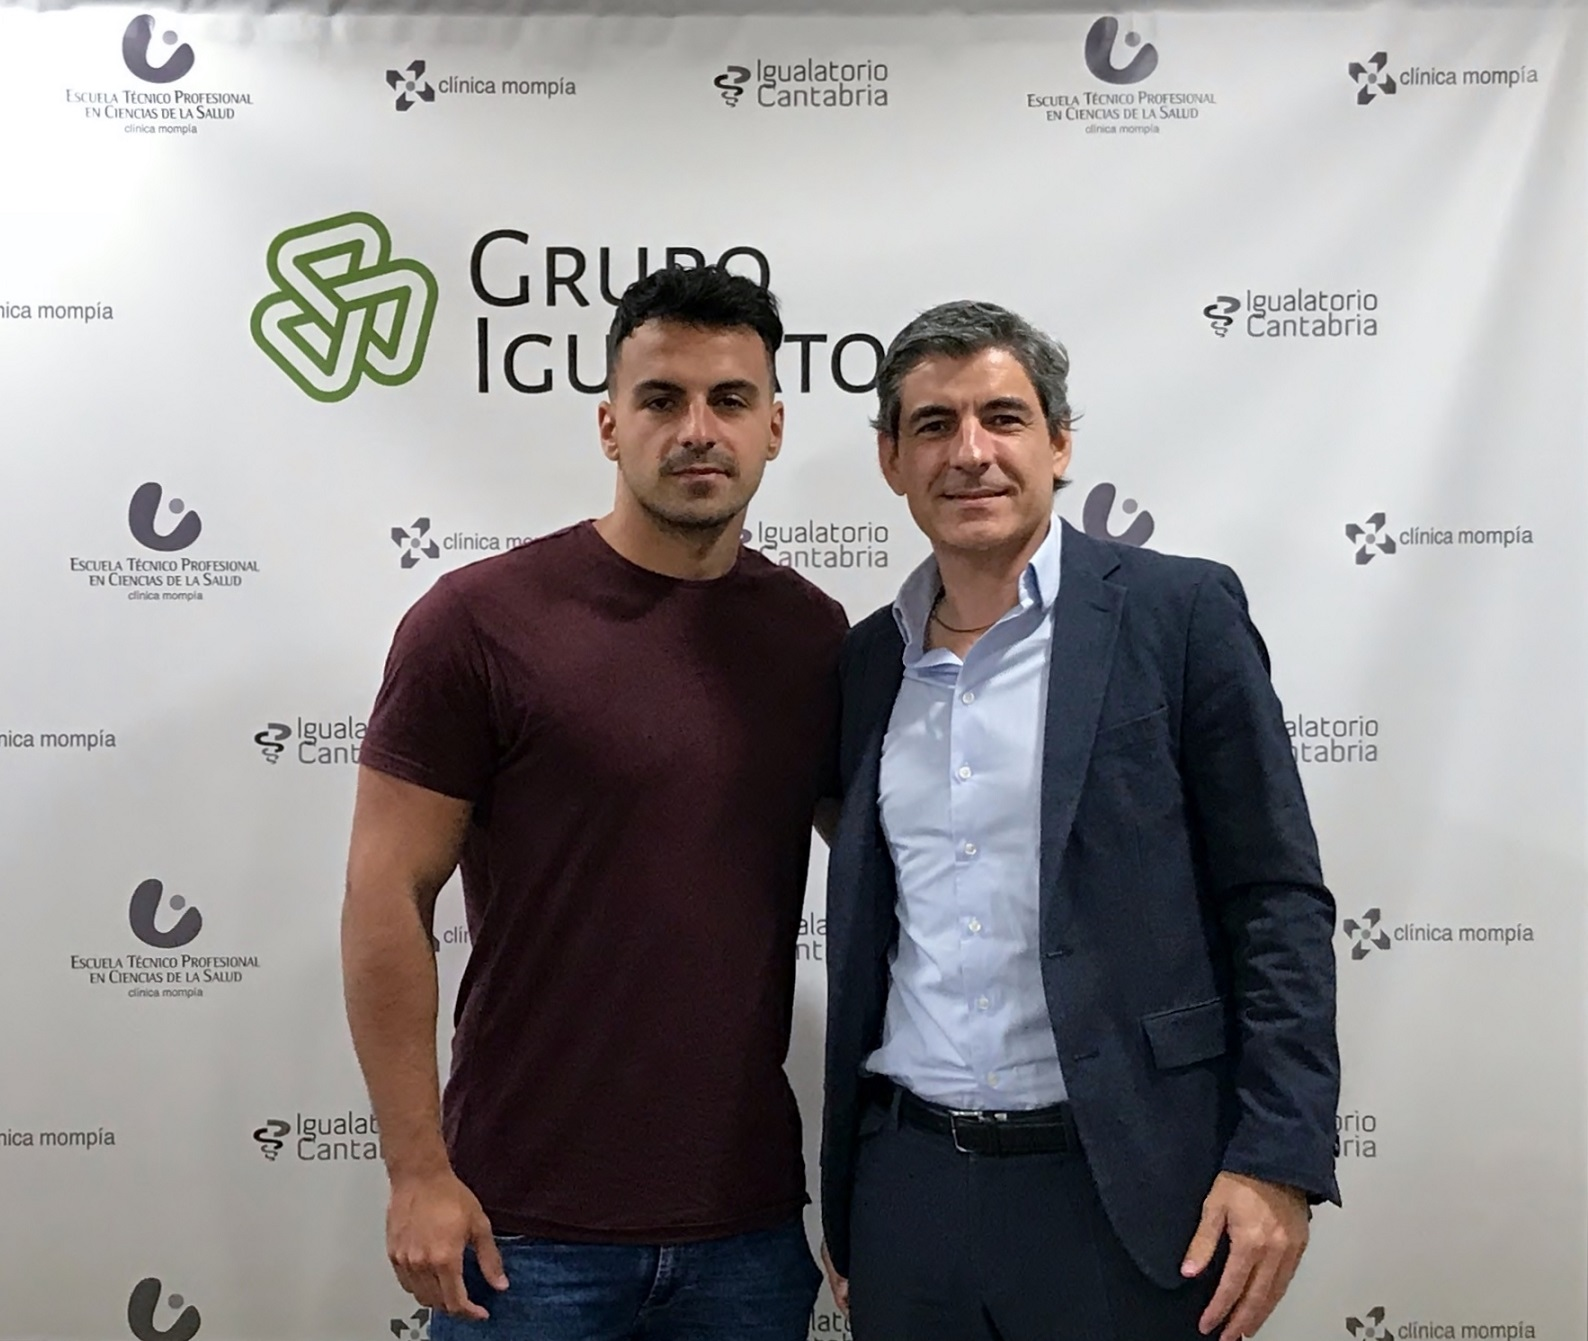 Igualatorio Cantabria Refuerza Su Apoyo Al Deporte Patrocinando Al Nadador Eduardo Blasco